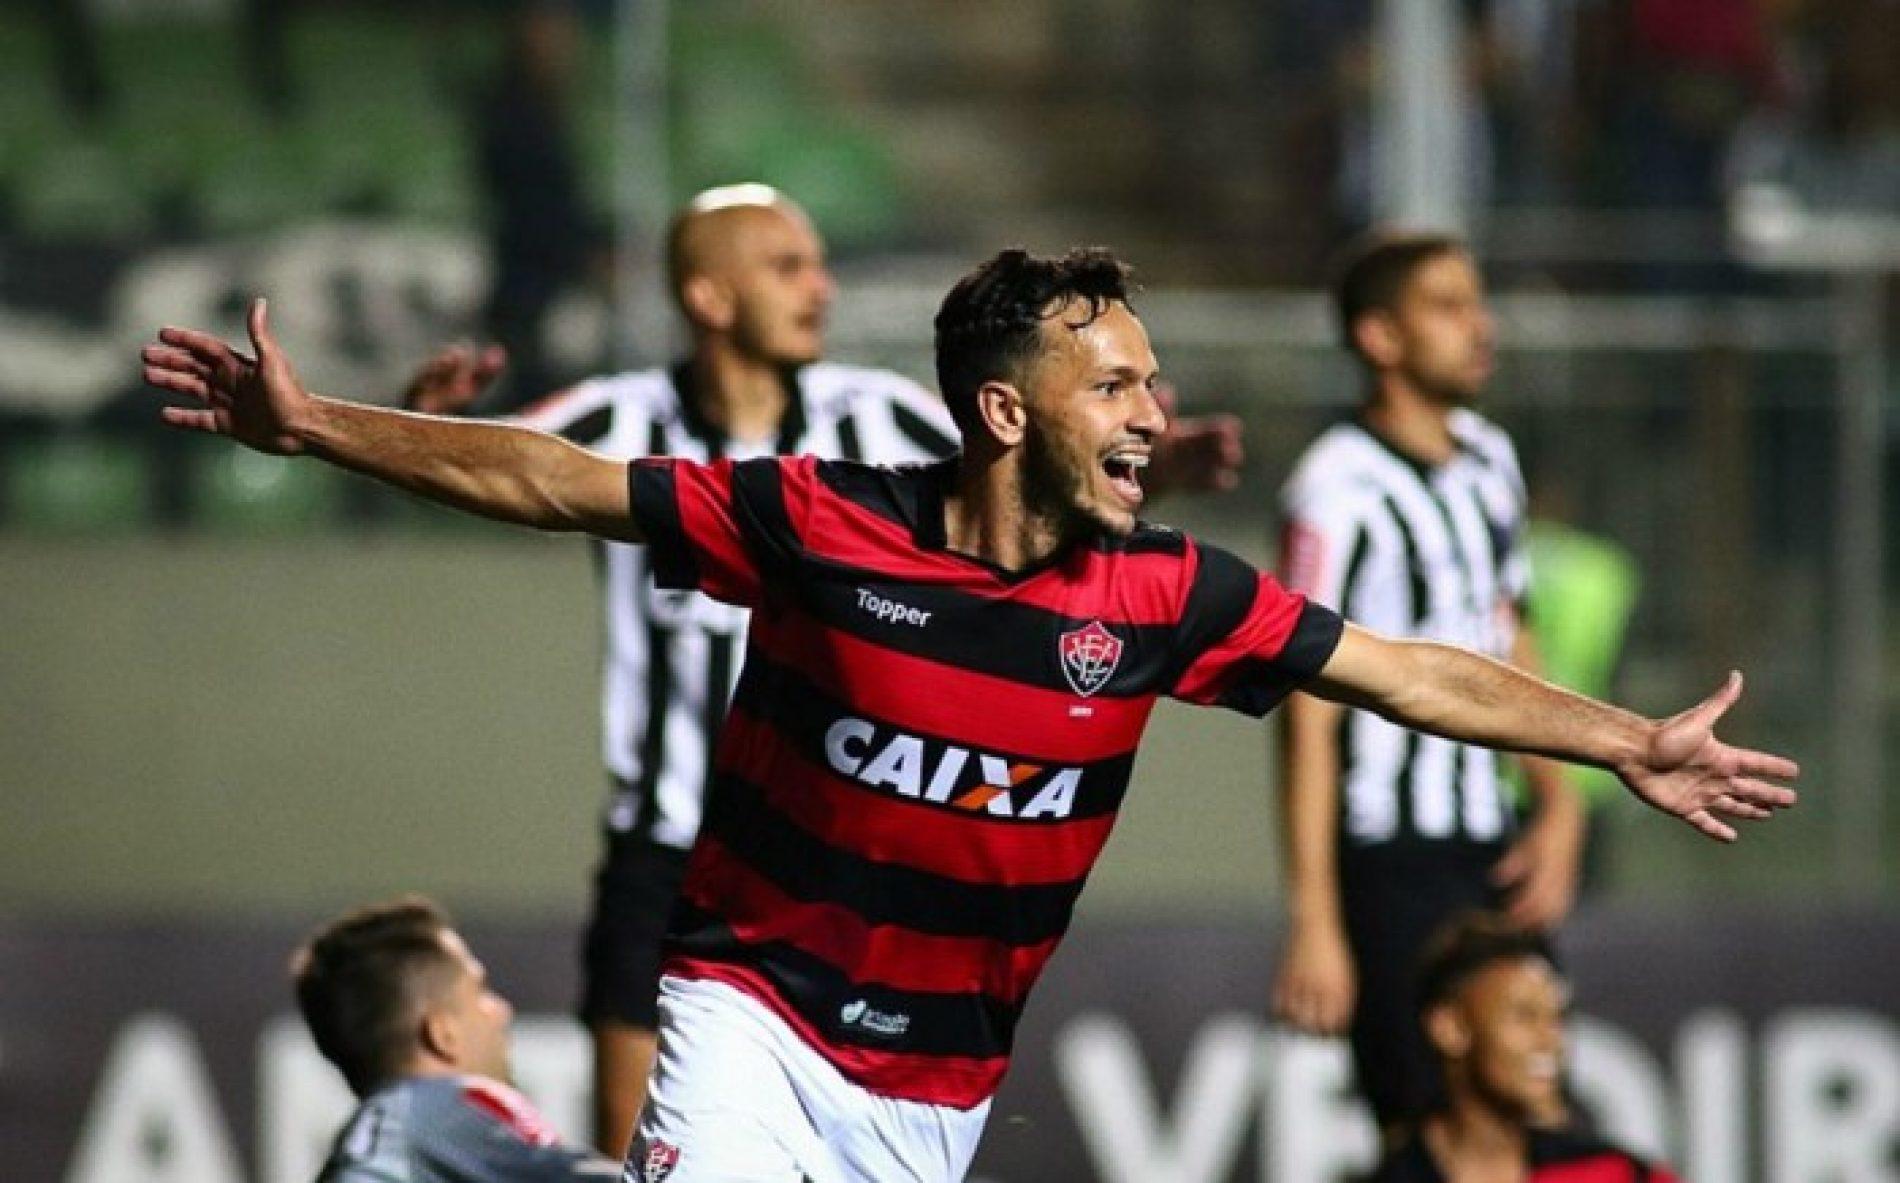 Vitória derruba mais um fora de casa e deixa zona de rabaixamento: 3×1 no Atlético Mineiro